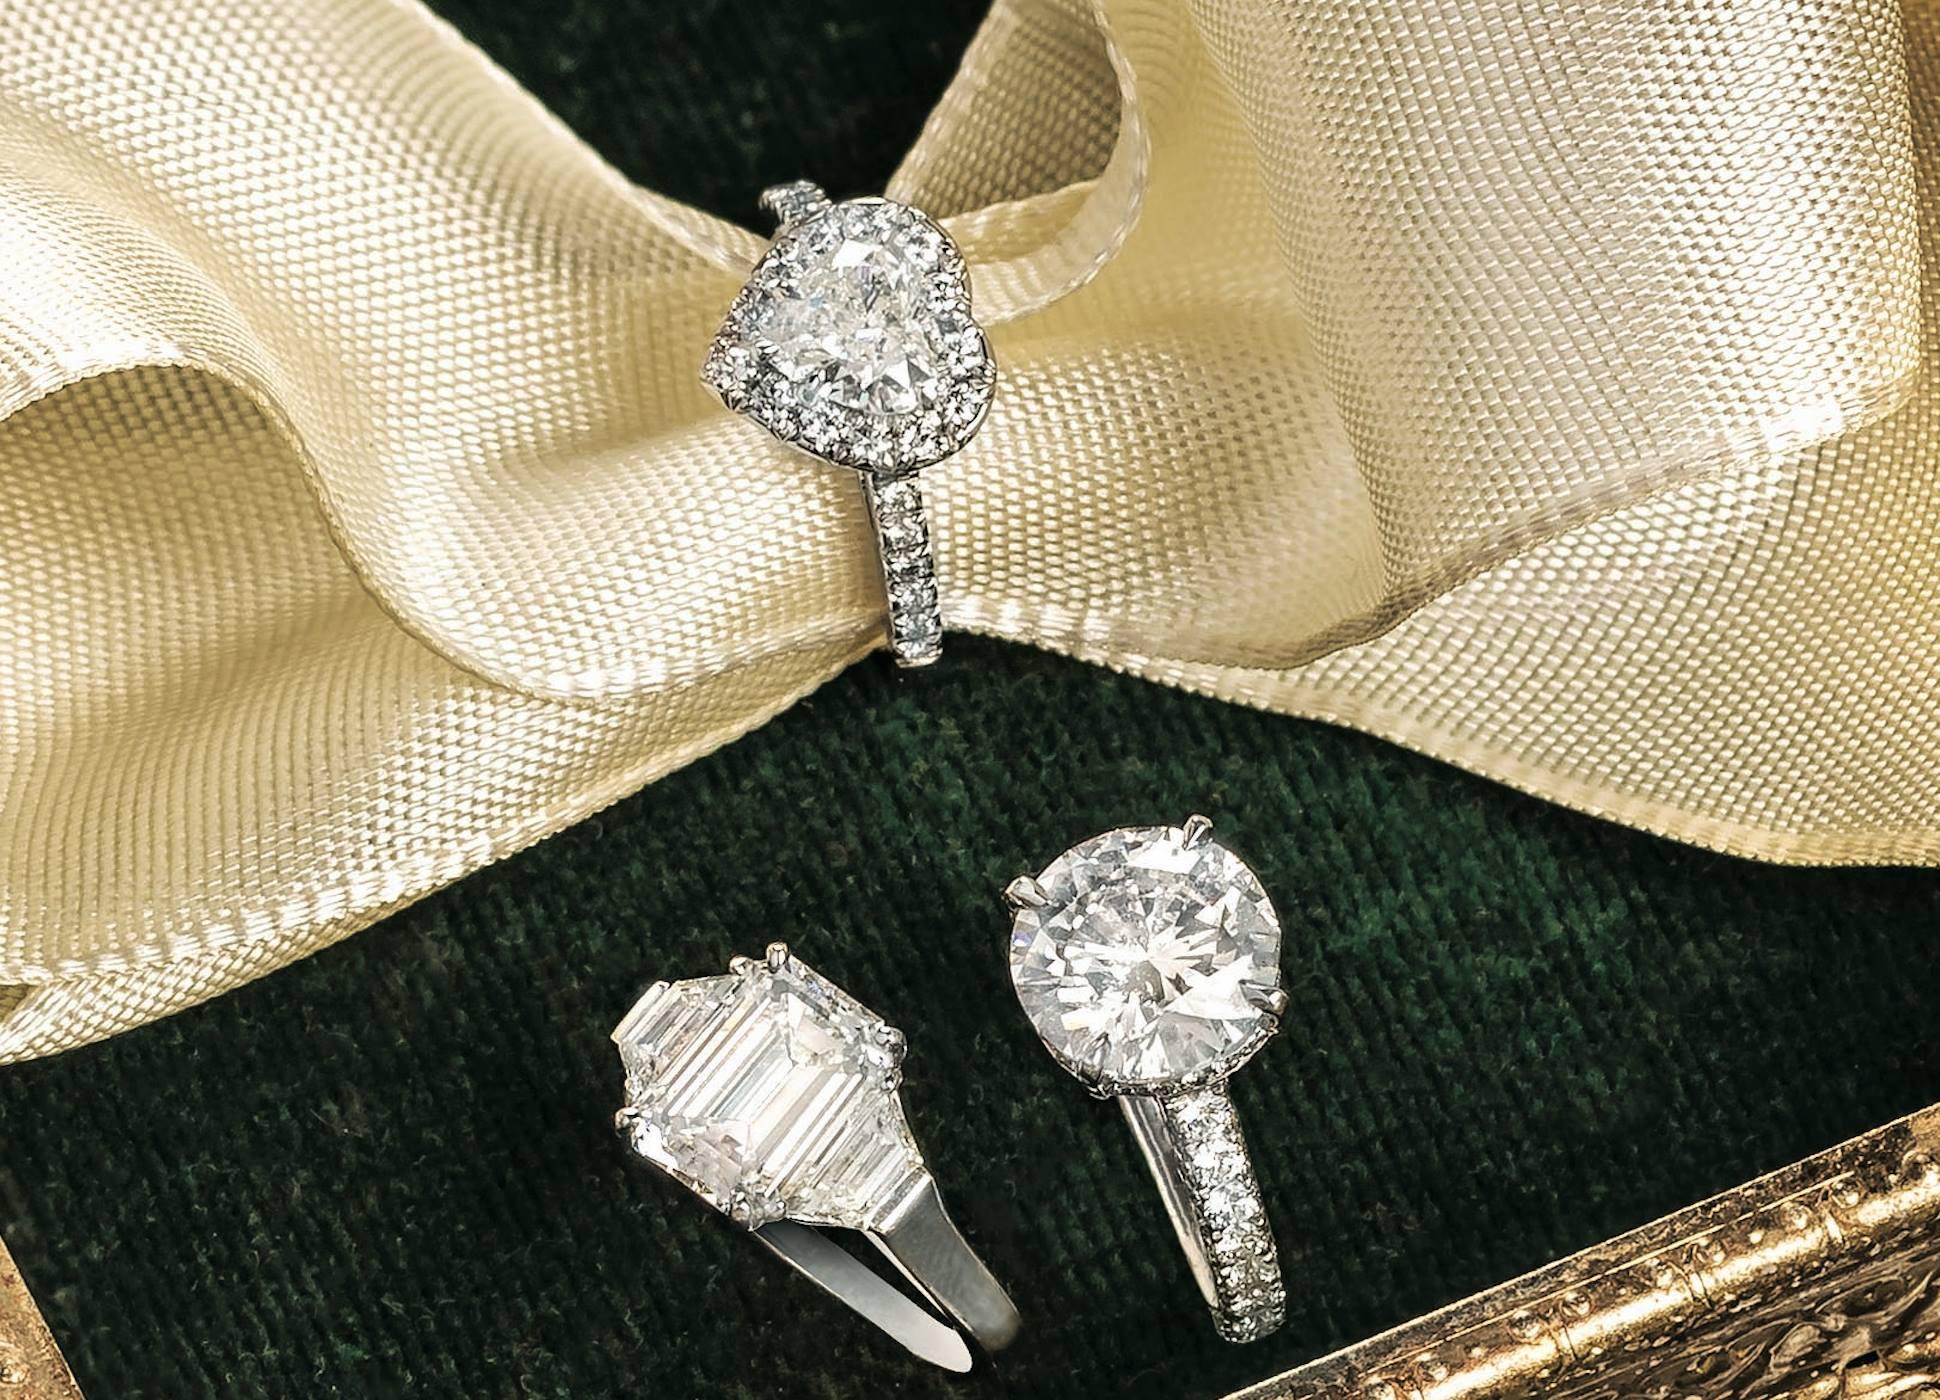 Esta es la historia de los anillos de compromiso, nos la cuenta Berger Joyeros